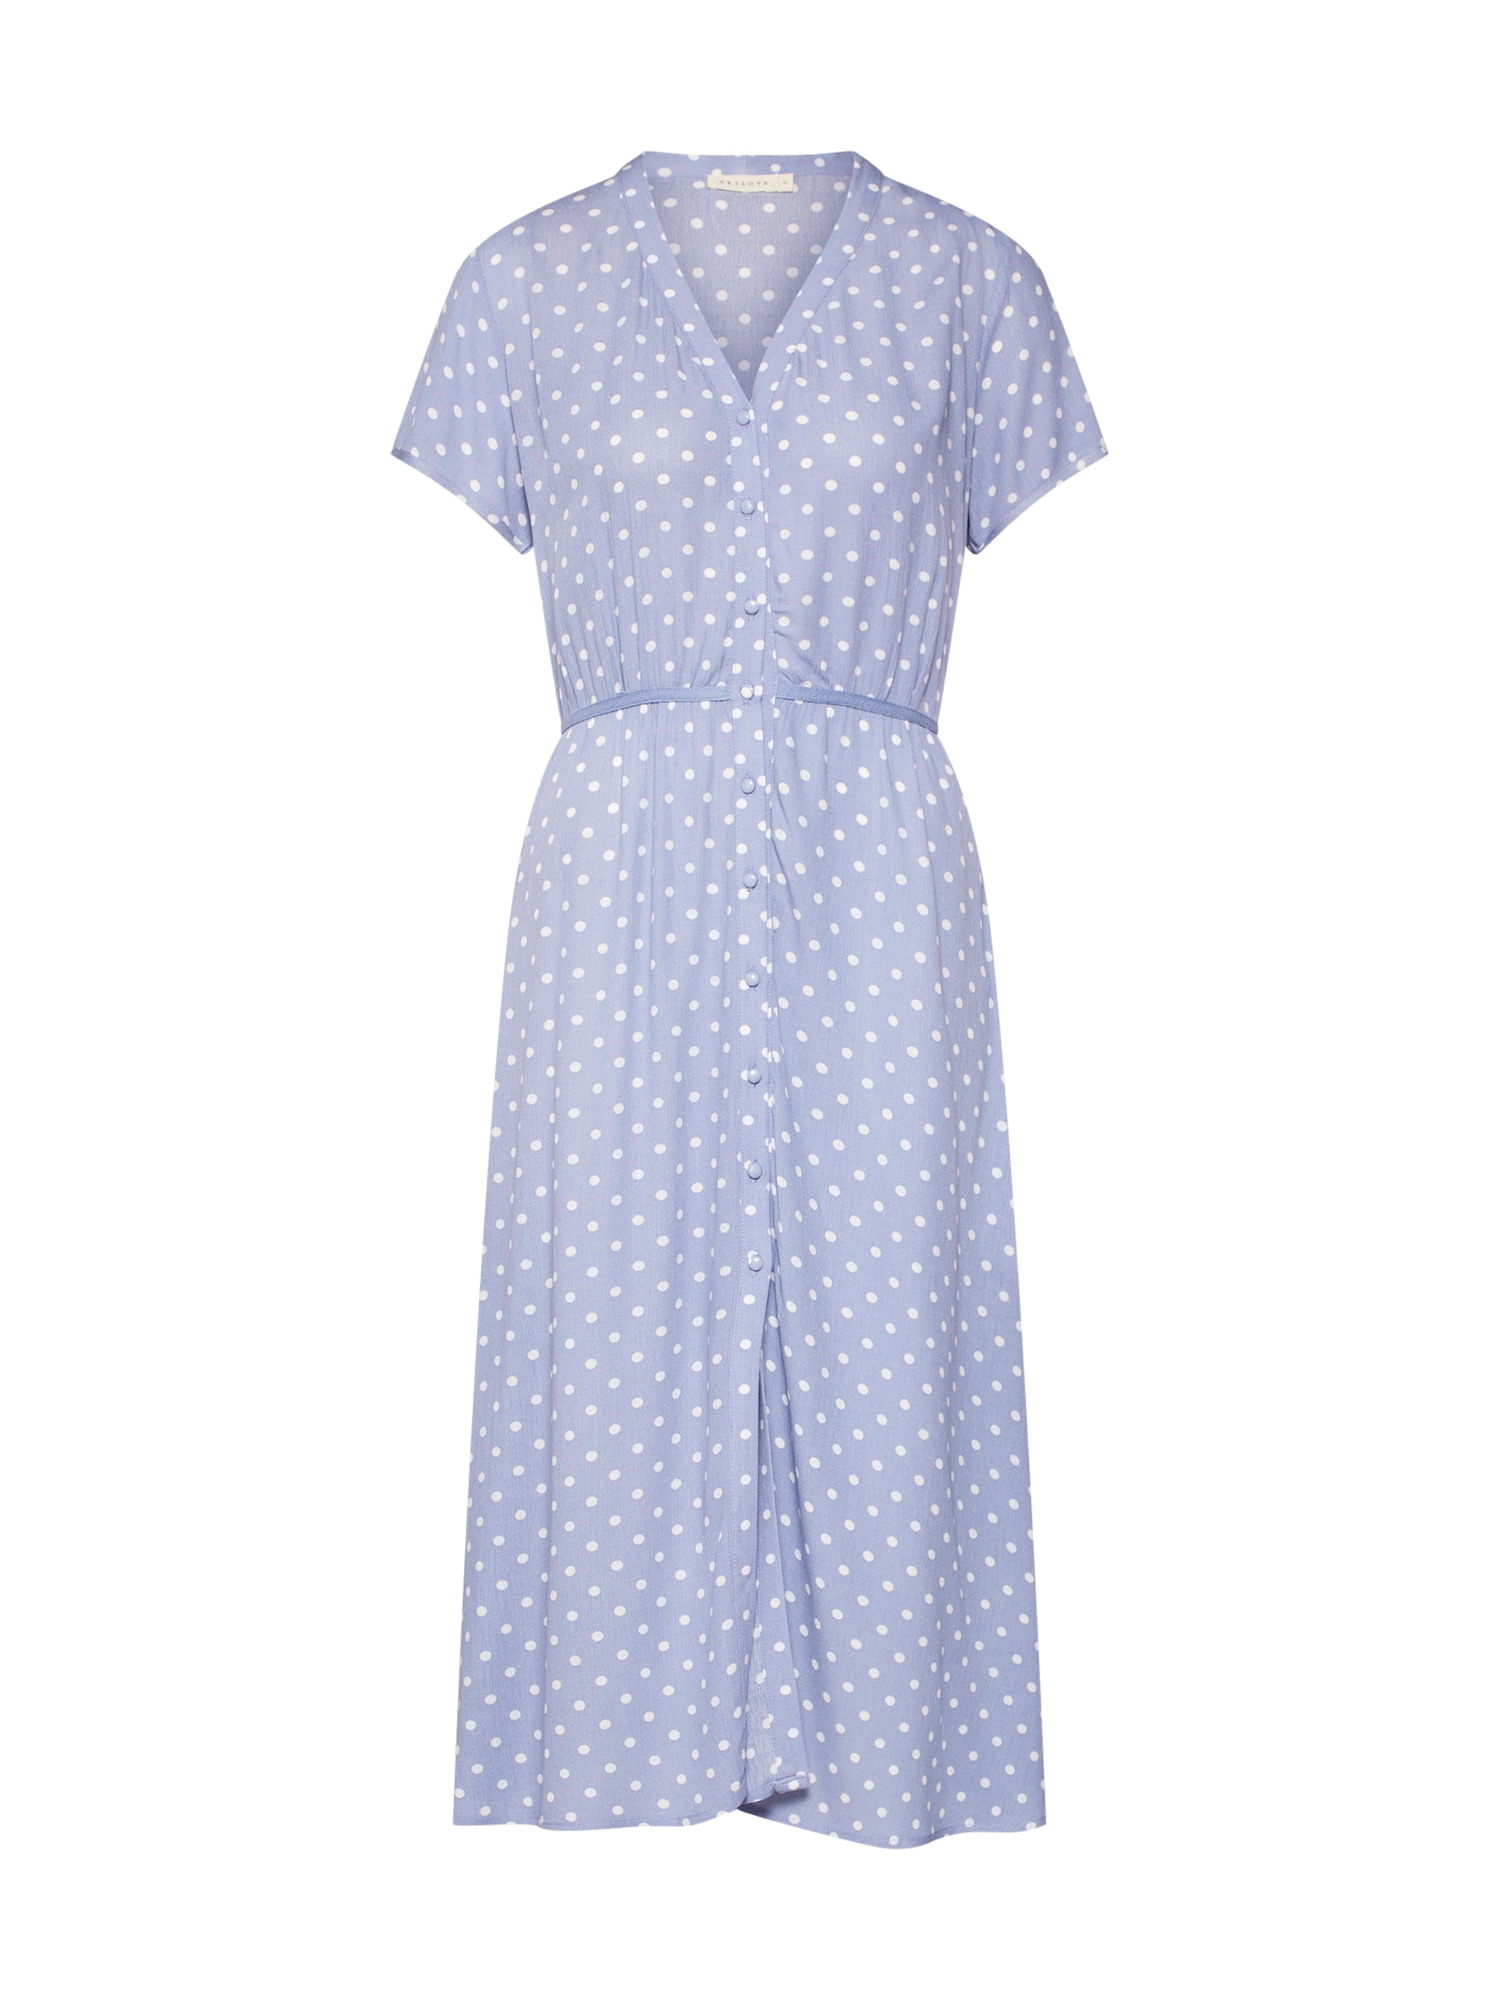 Letní šaty světlemodrá bílá ARTLOVE Paris